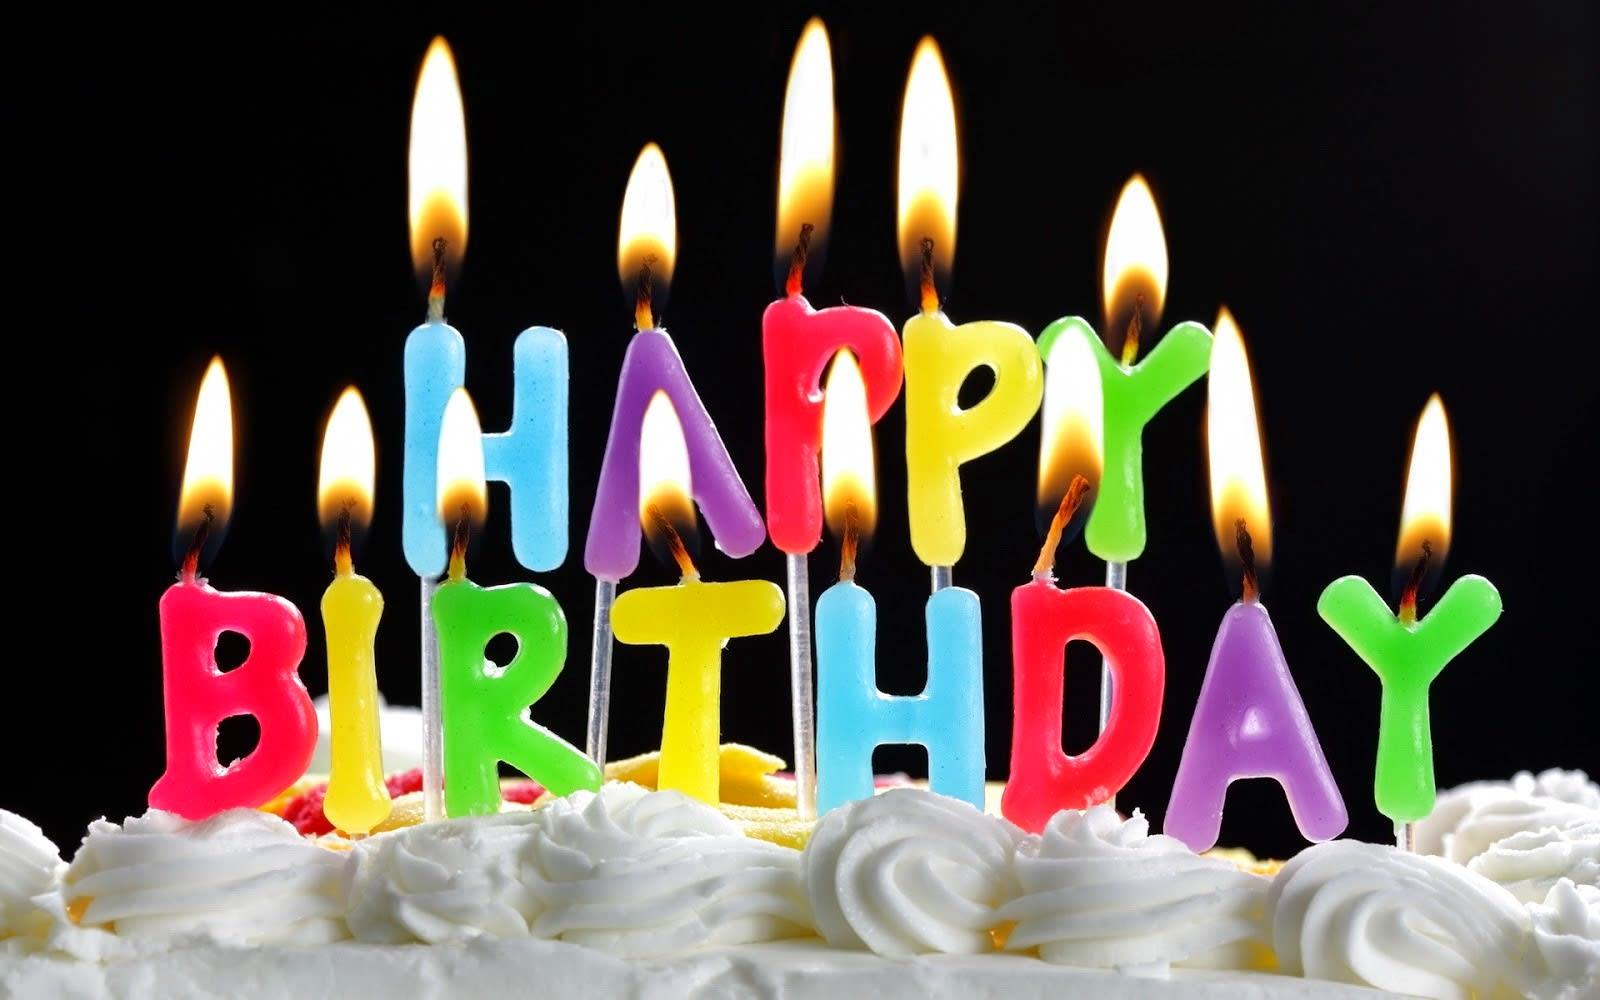 Cảm Âm Happy Birthday To You | Chúc Mừng Sinh Nhật | Sáo Trúc Hoàng Anh Chuẩn Nhất